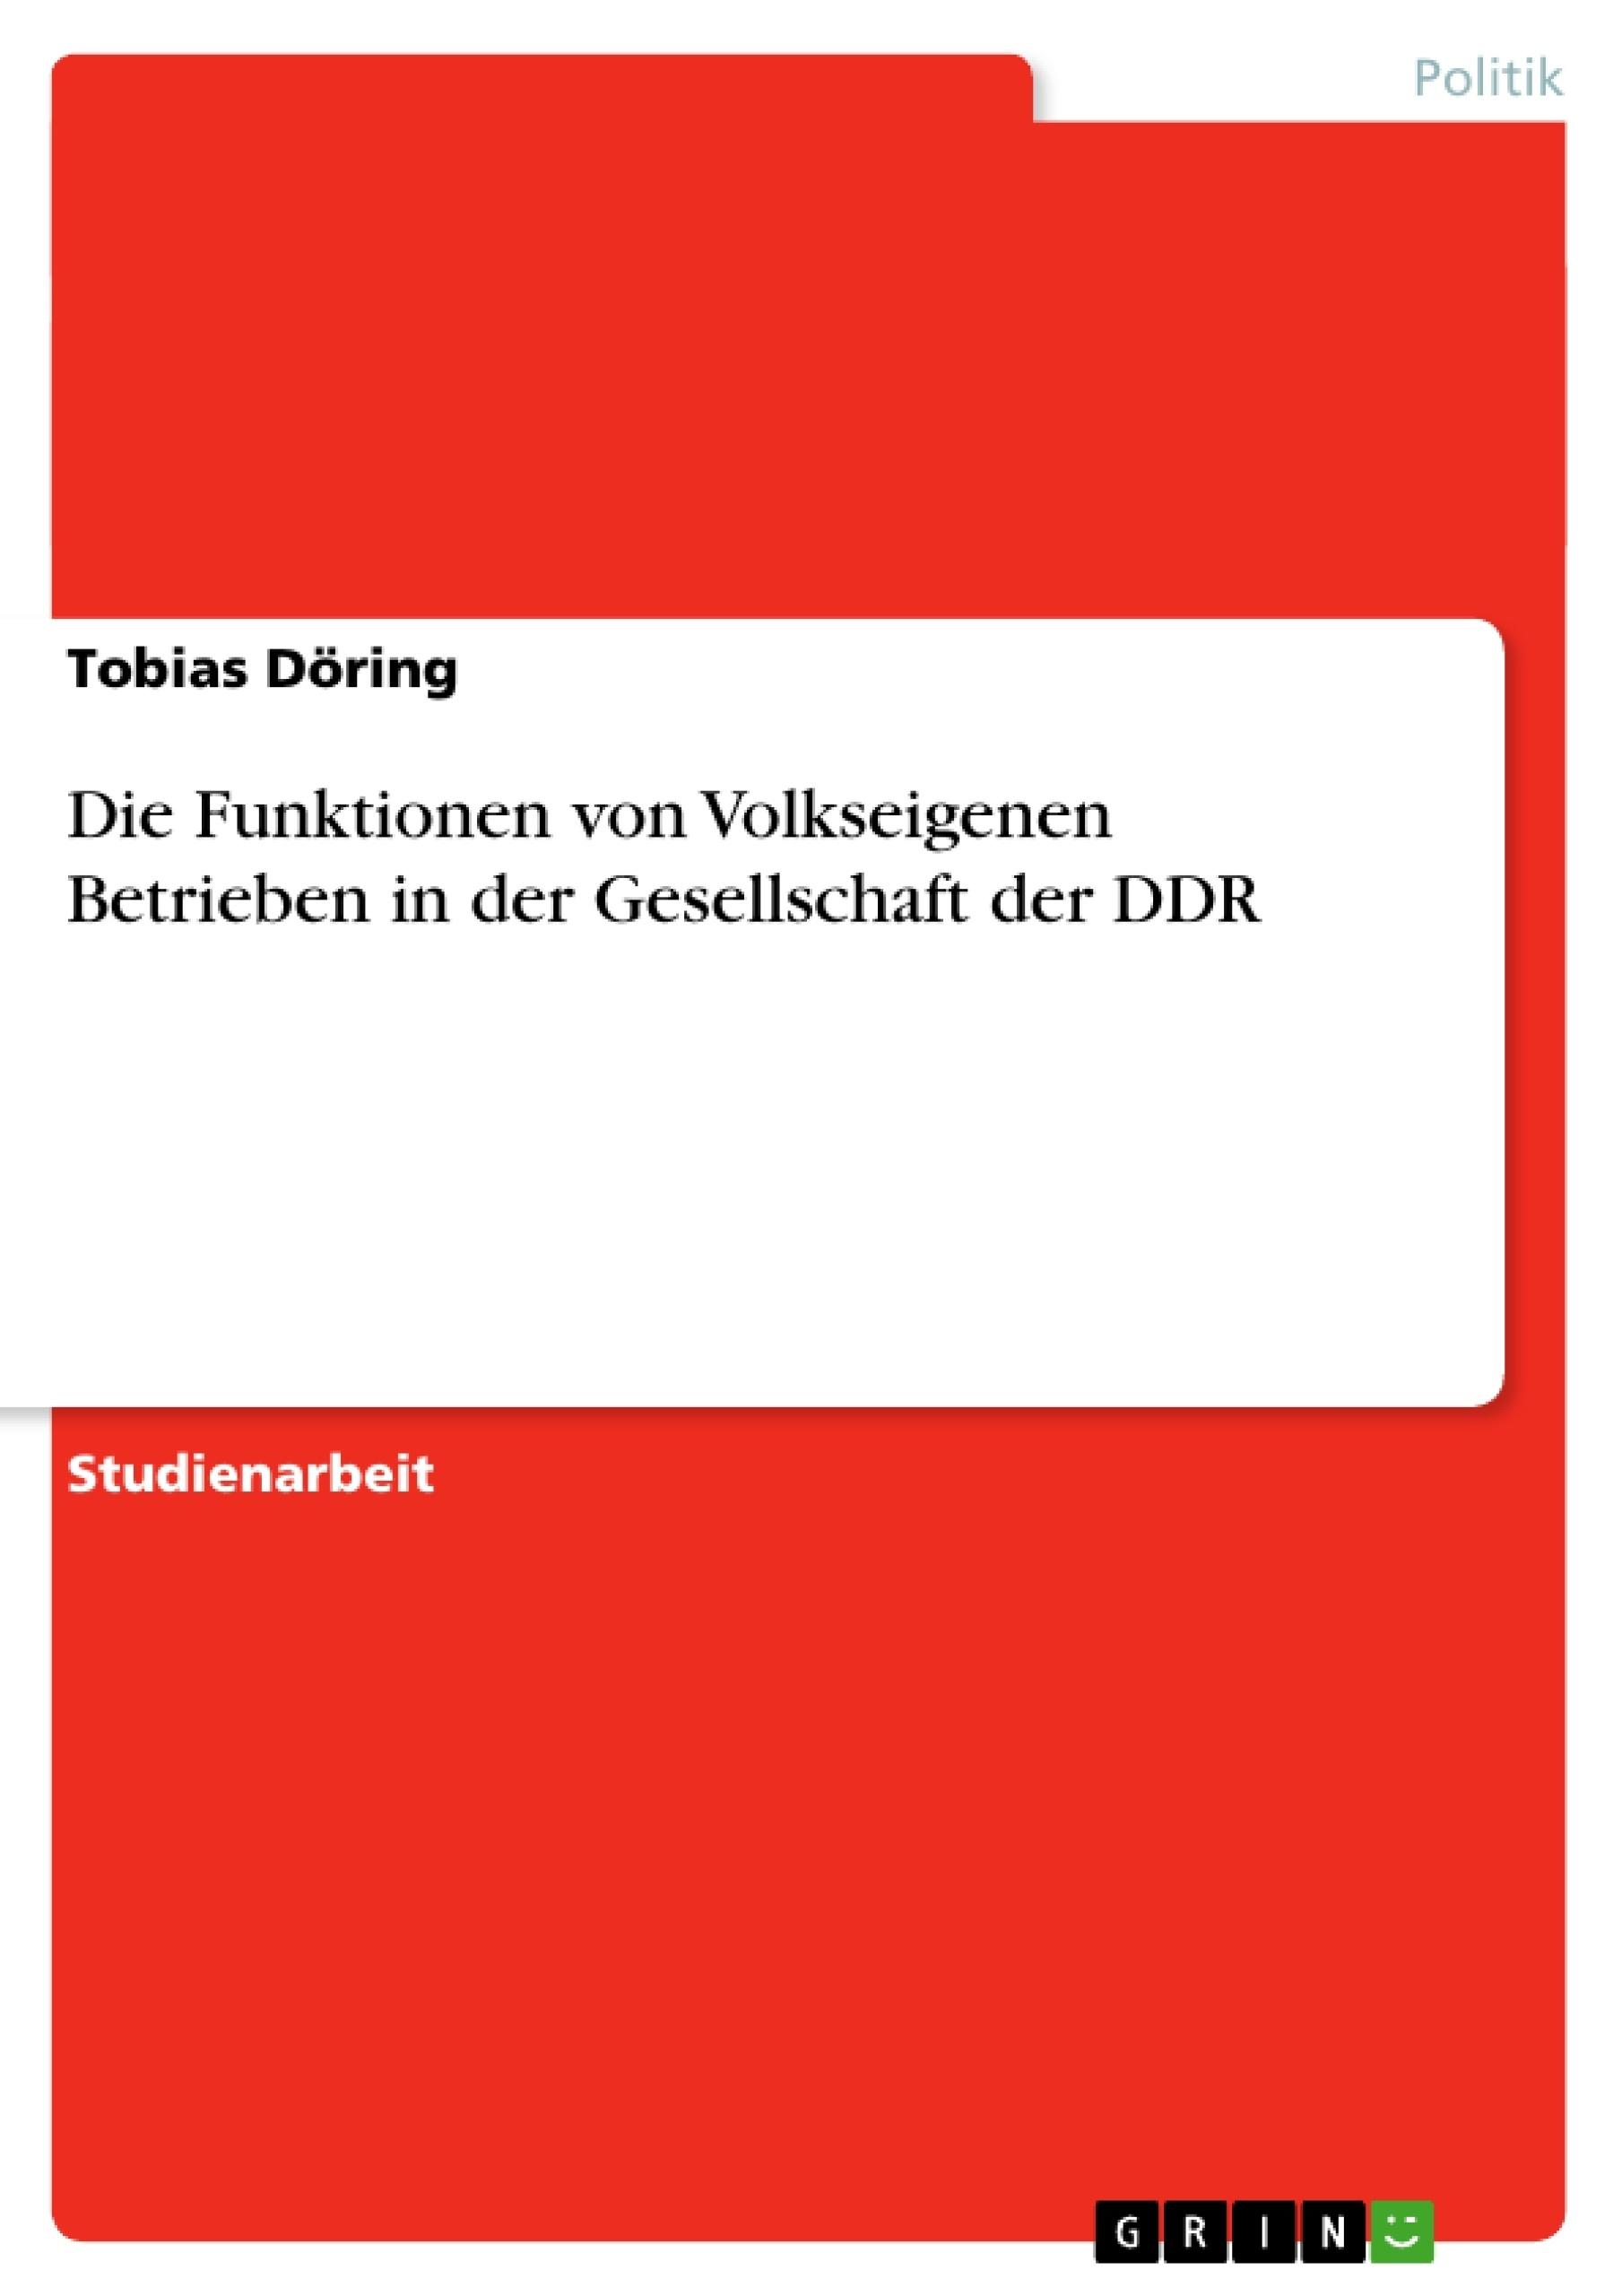 Titel: Die Funktionen von Volkseigenen Betrieben in der Gesellschaft der DDR